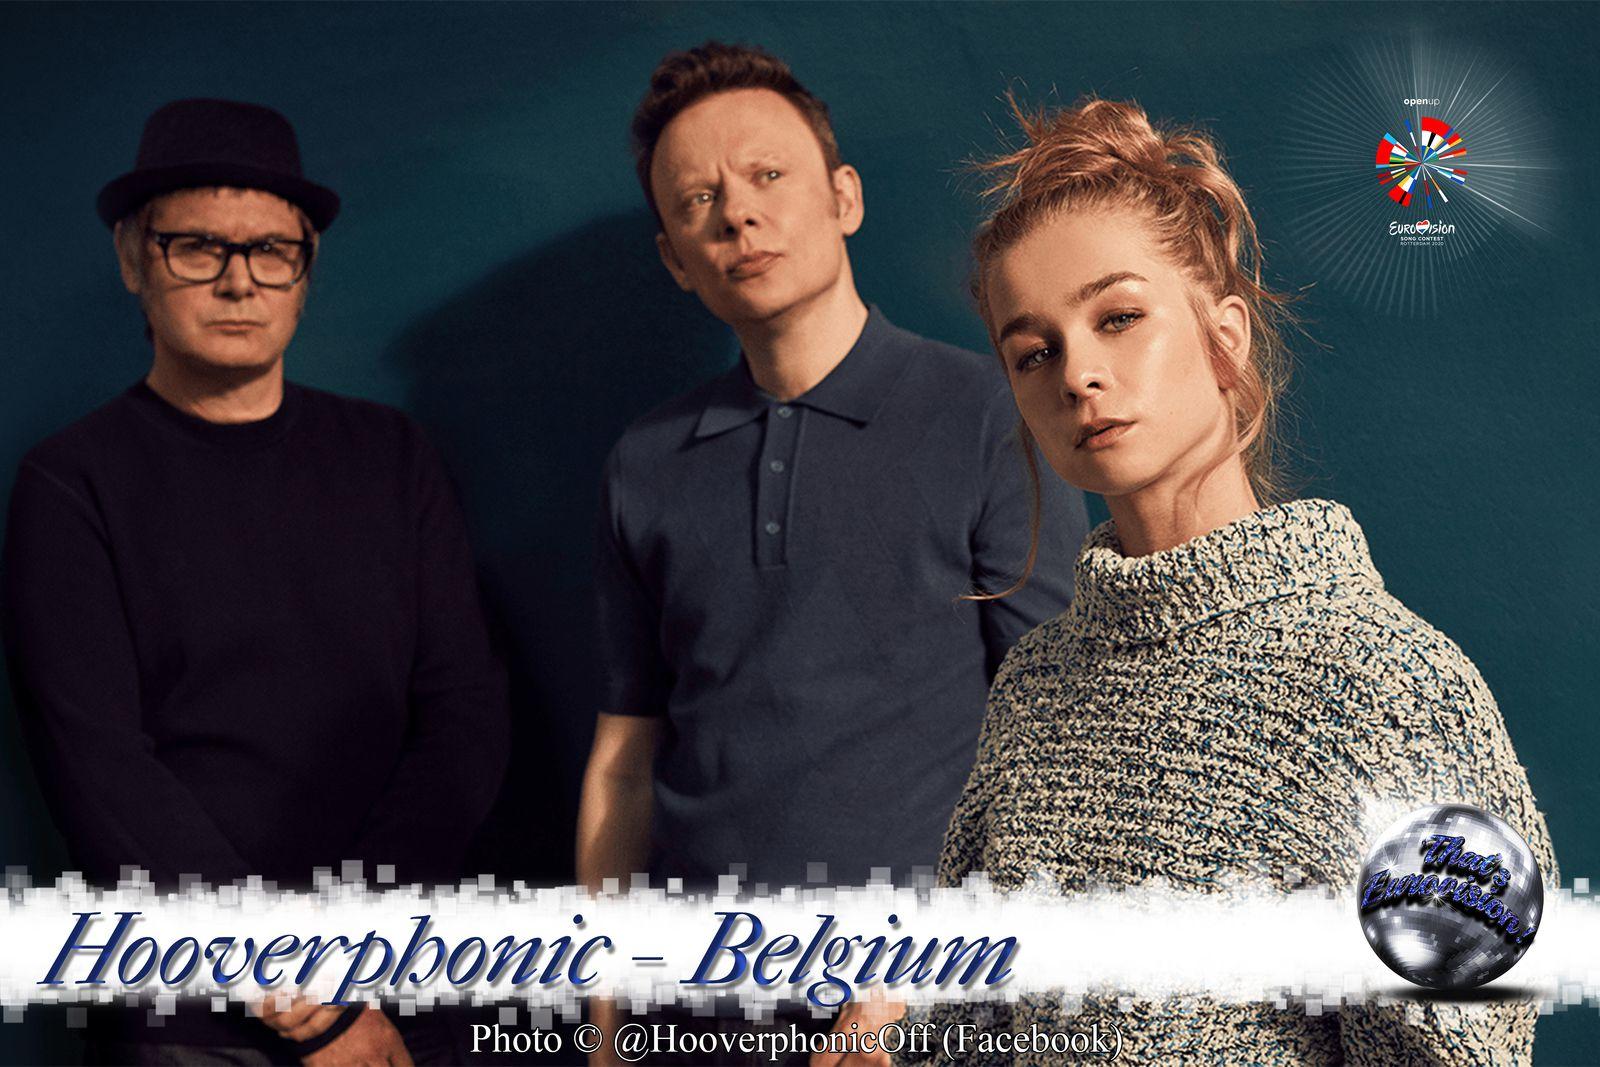 Belgium 2020 - Hooverphonic (Release Me)